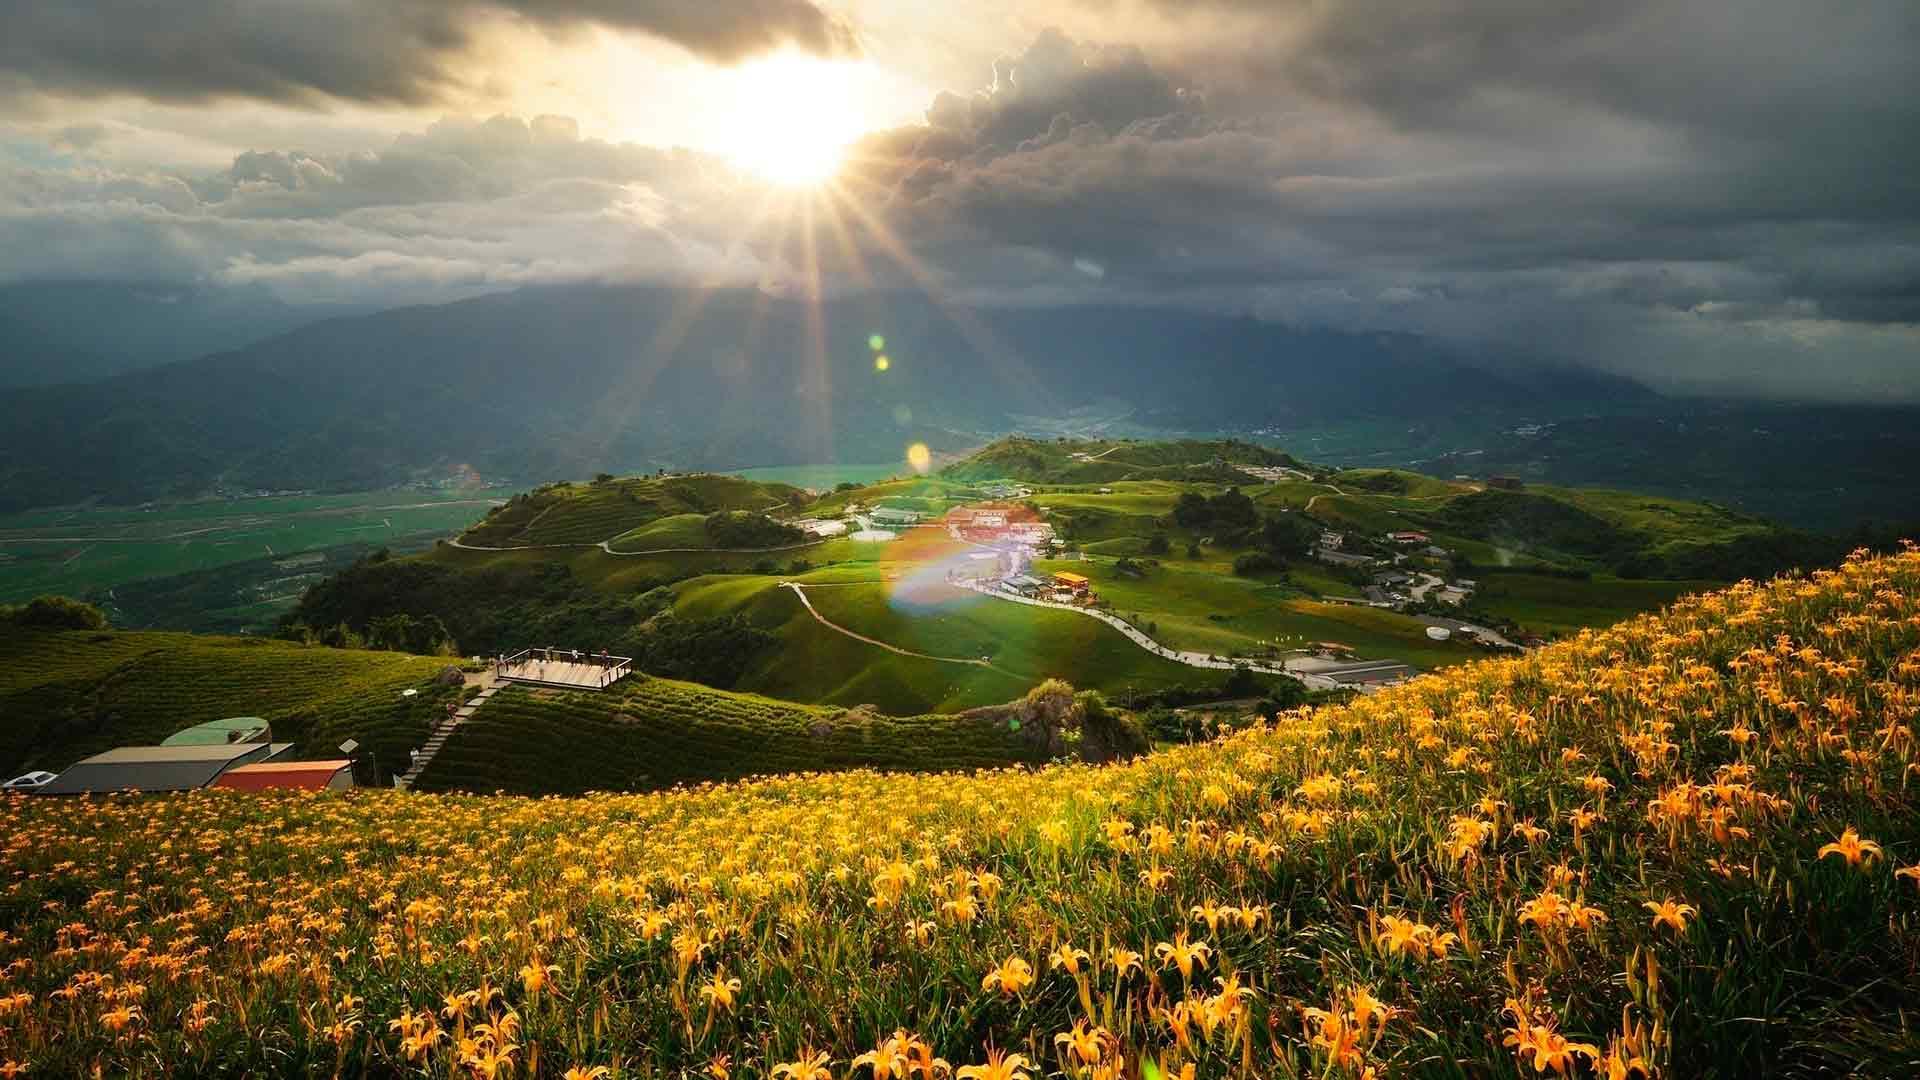 Обои лилии в поле желтые лилии в поле